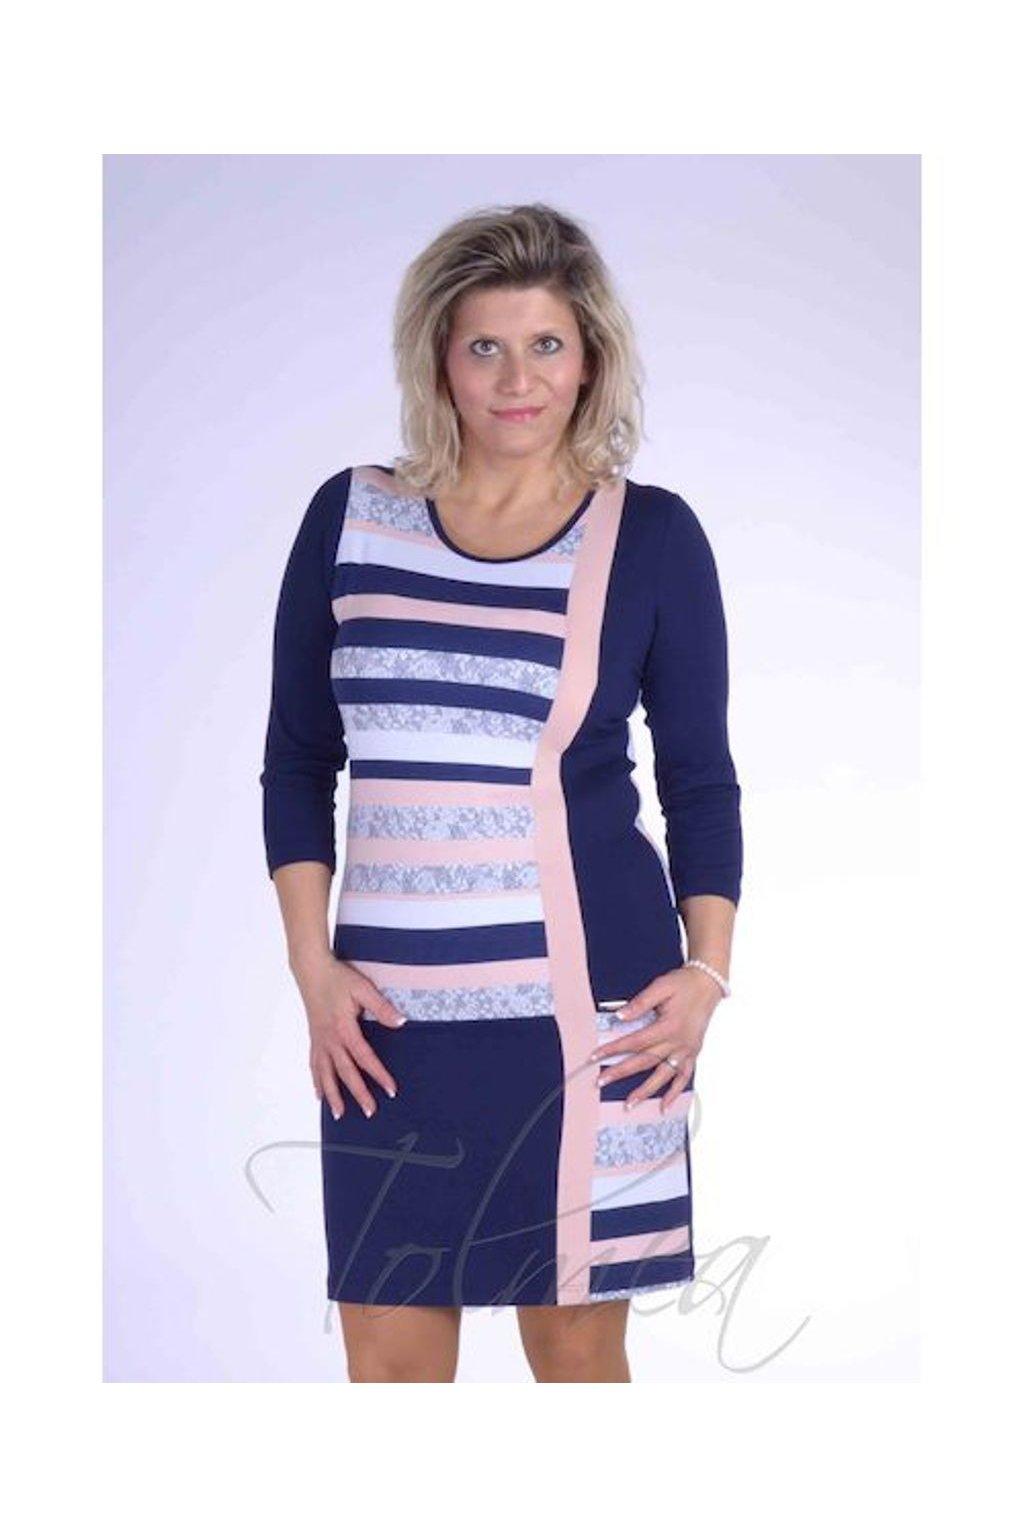 Šaty proužky členěné 2218 (Velikost 36, Barva Vzorovaná)